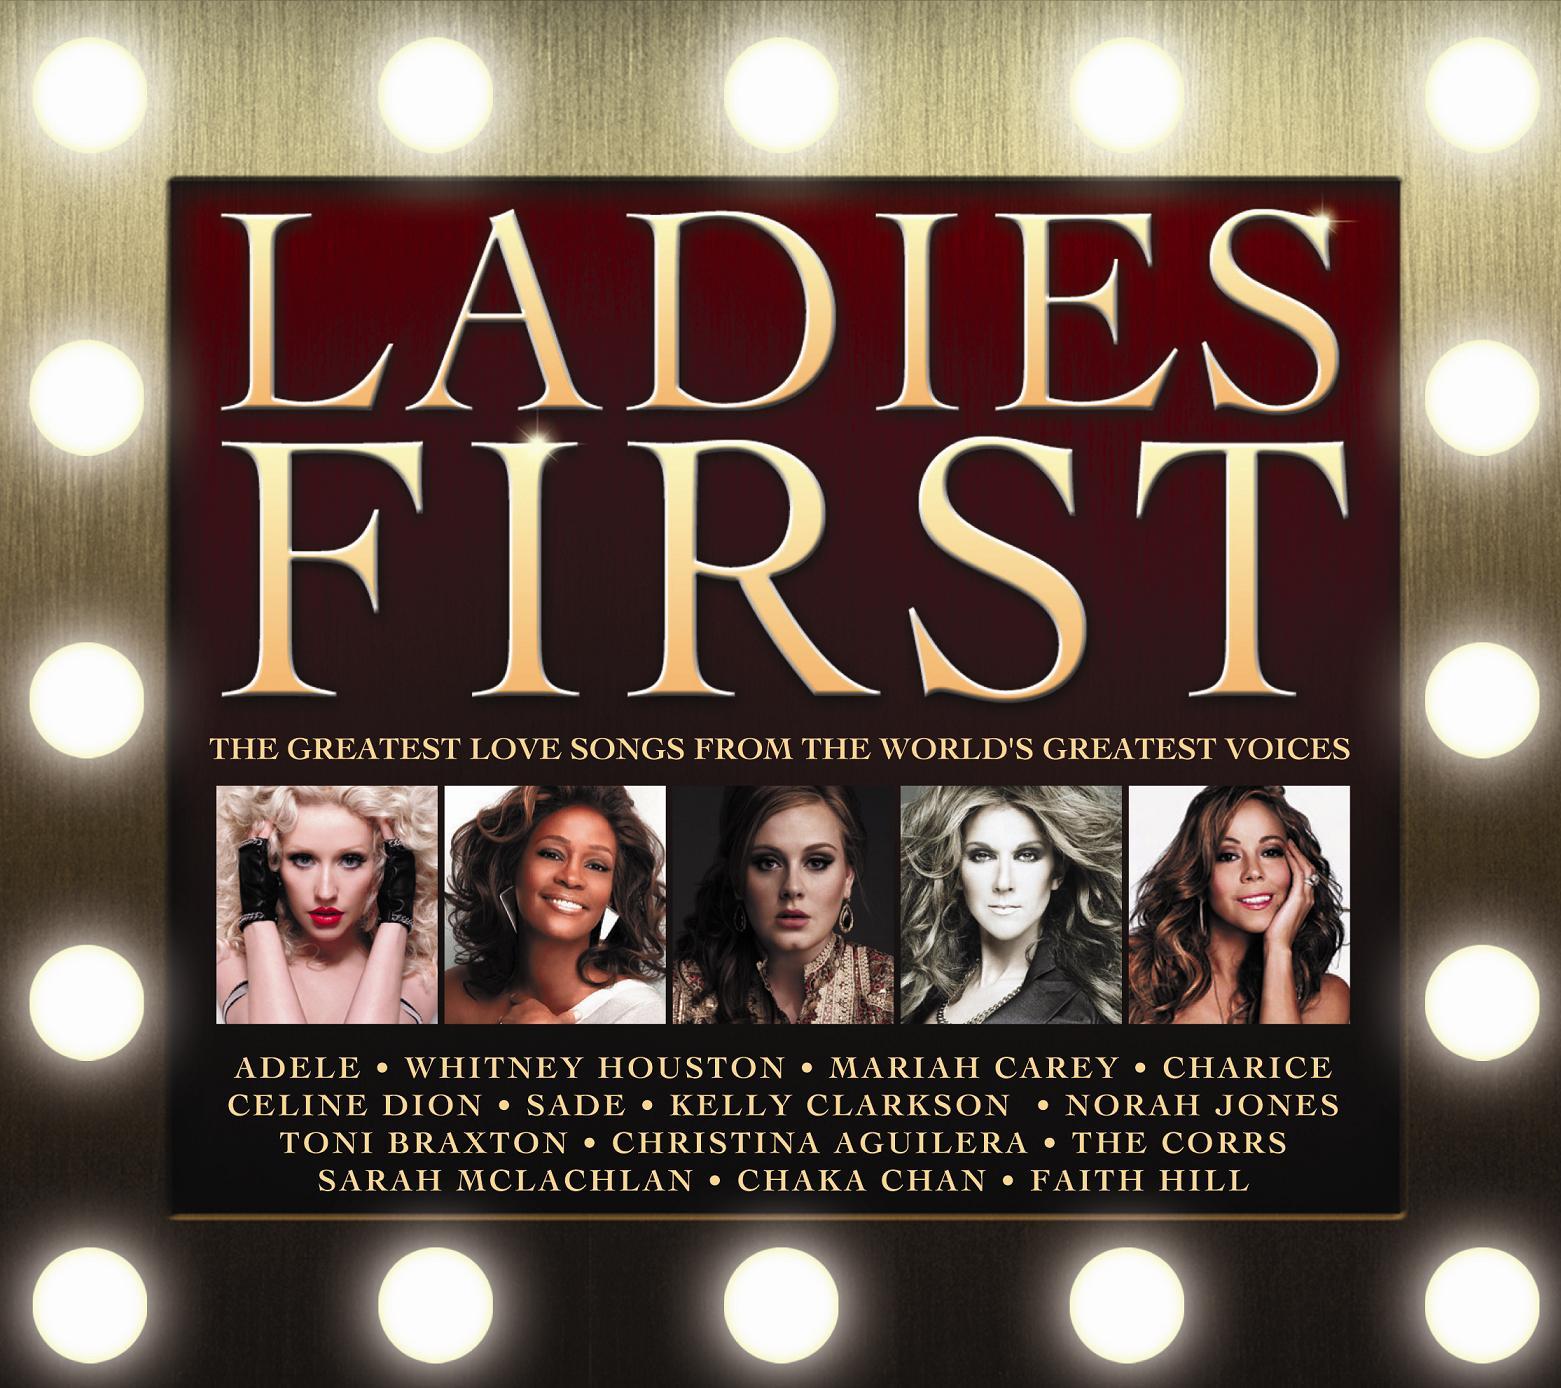 http://3.bp.blogspot.com/-V0NX_iM-rgU/T6NjUvlyIBI/AAAAAAAAEu4/_wuGIiO7NIM/s1600/Ladies+First.JPG